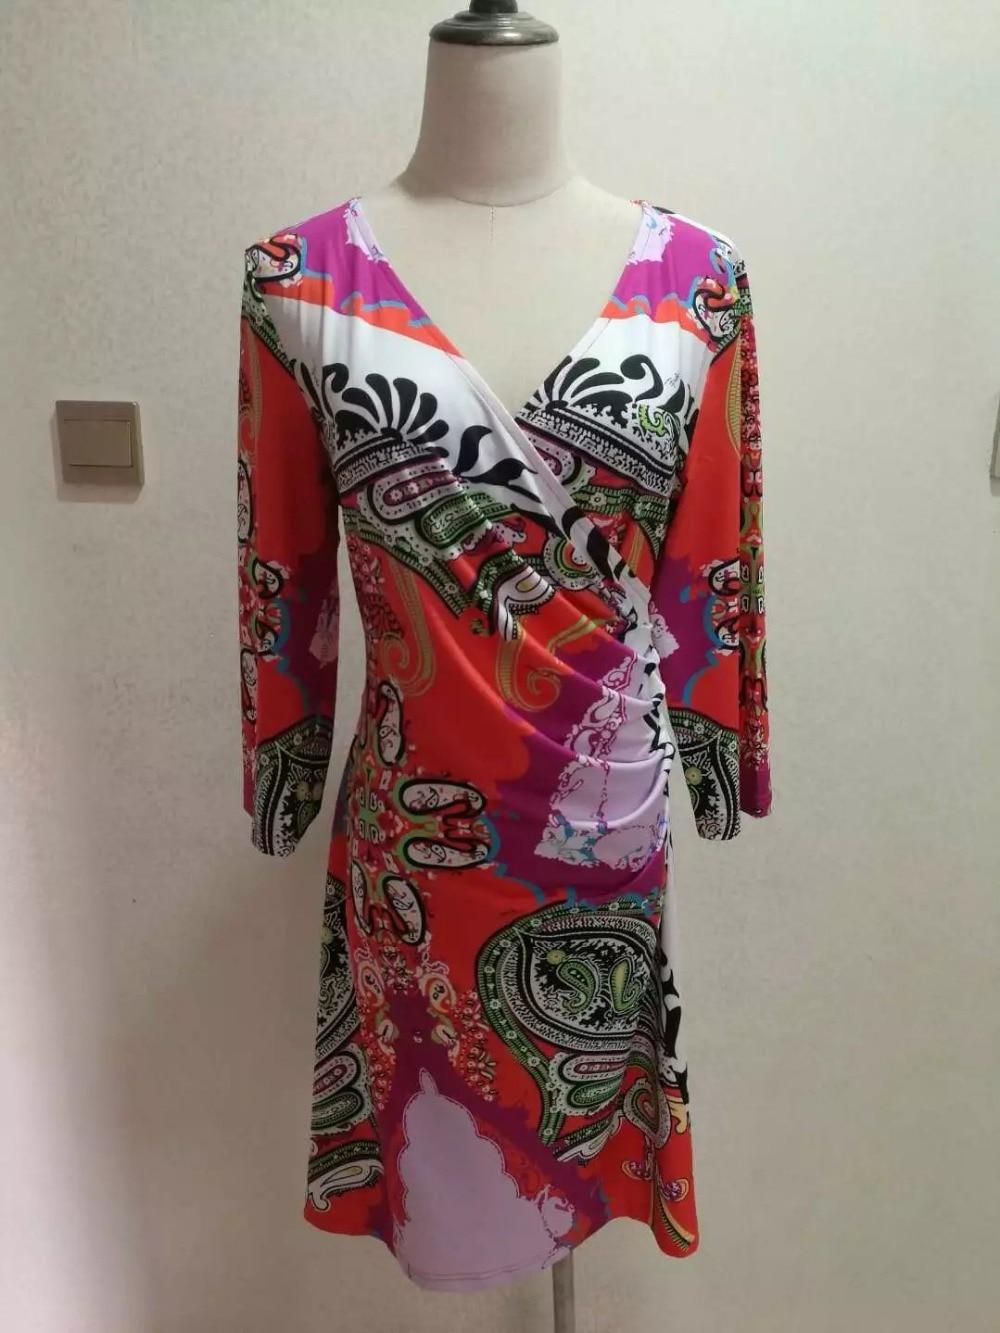 Colorati Jersey Delle Marca 4 Fashion Geometrica Maniche Dress Di Day Donne Nuovo Elasticizzato Spring 2017 Xxl Designer Stampa 3 Seta wq0nXzTC